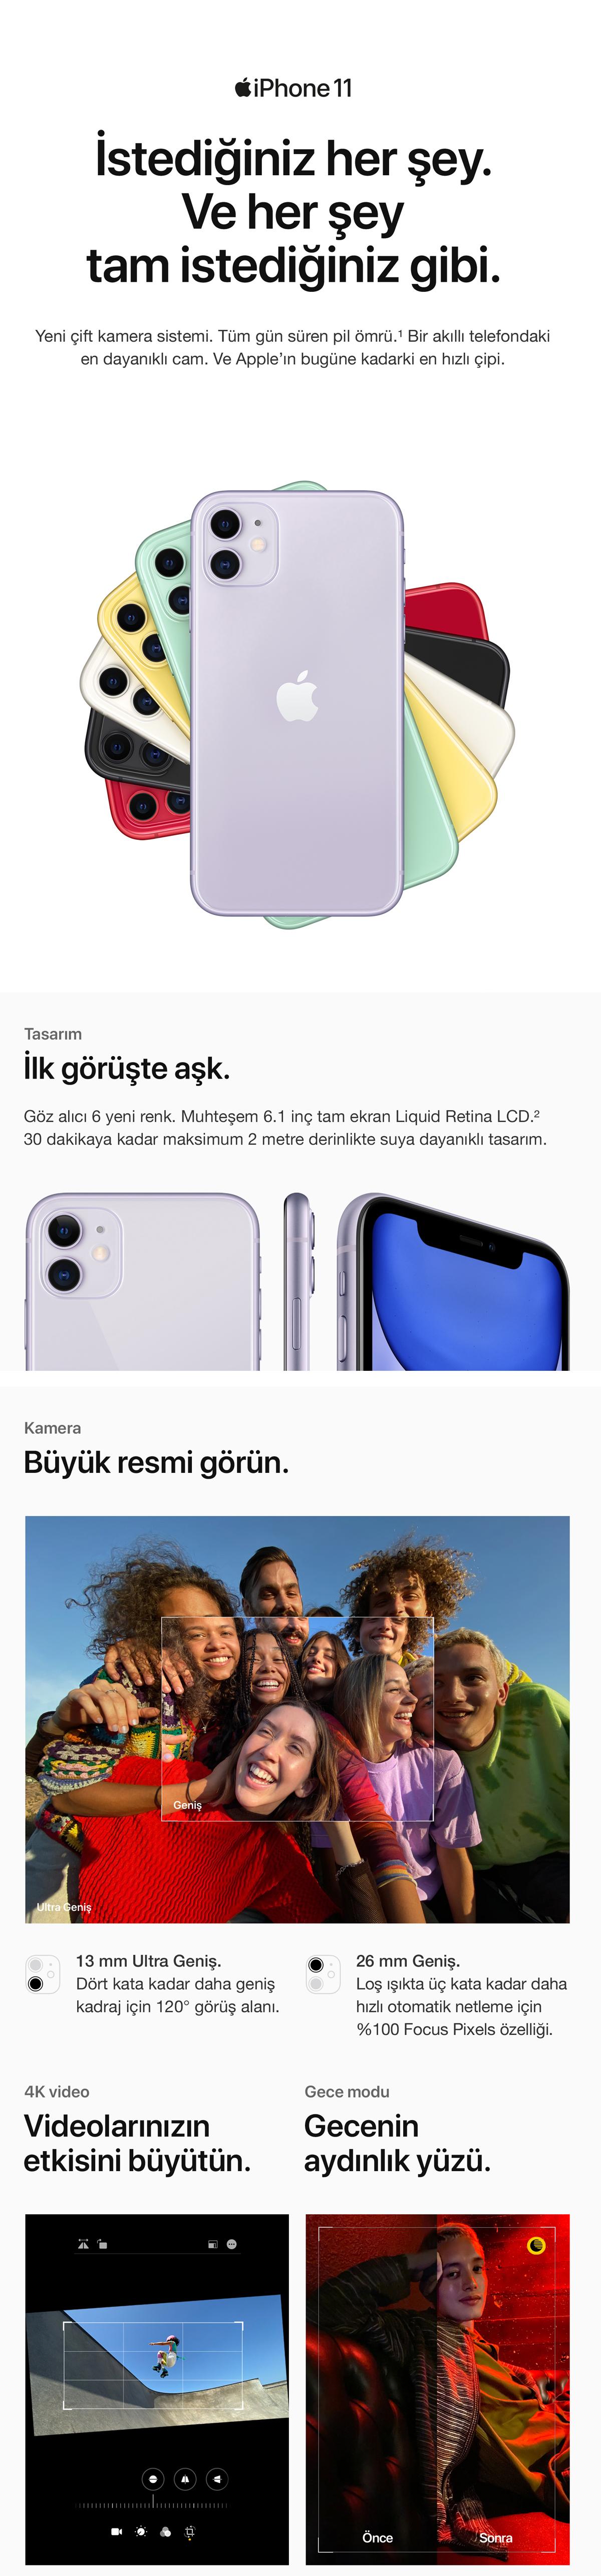 iphone-11-a.jpg